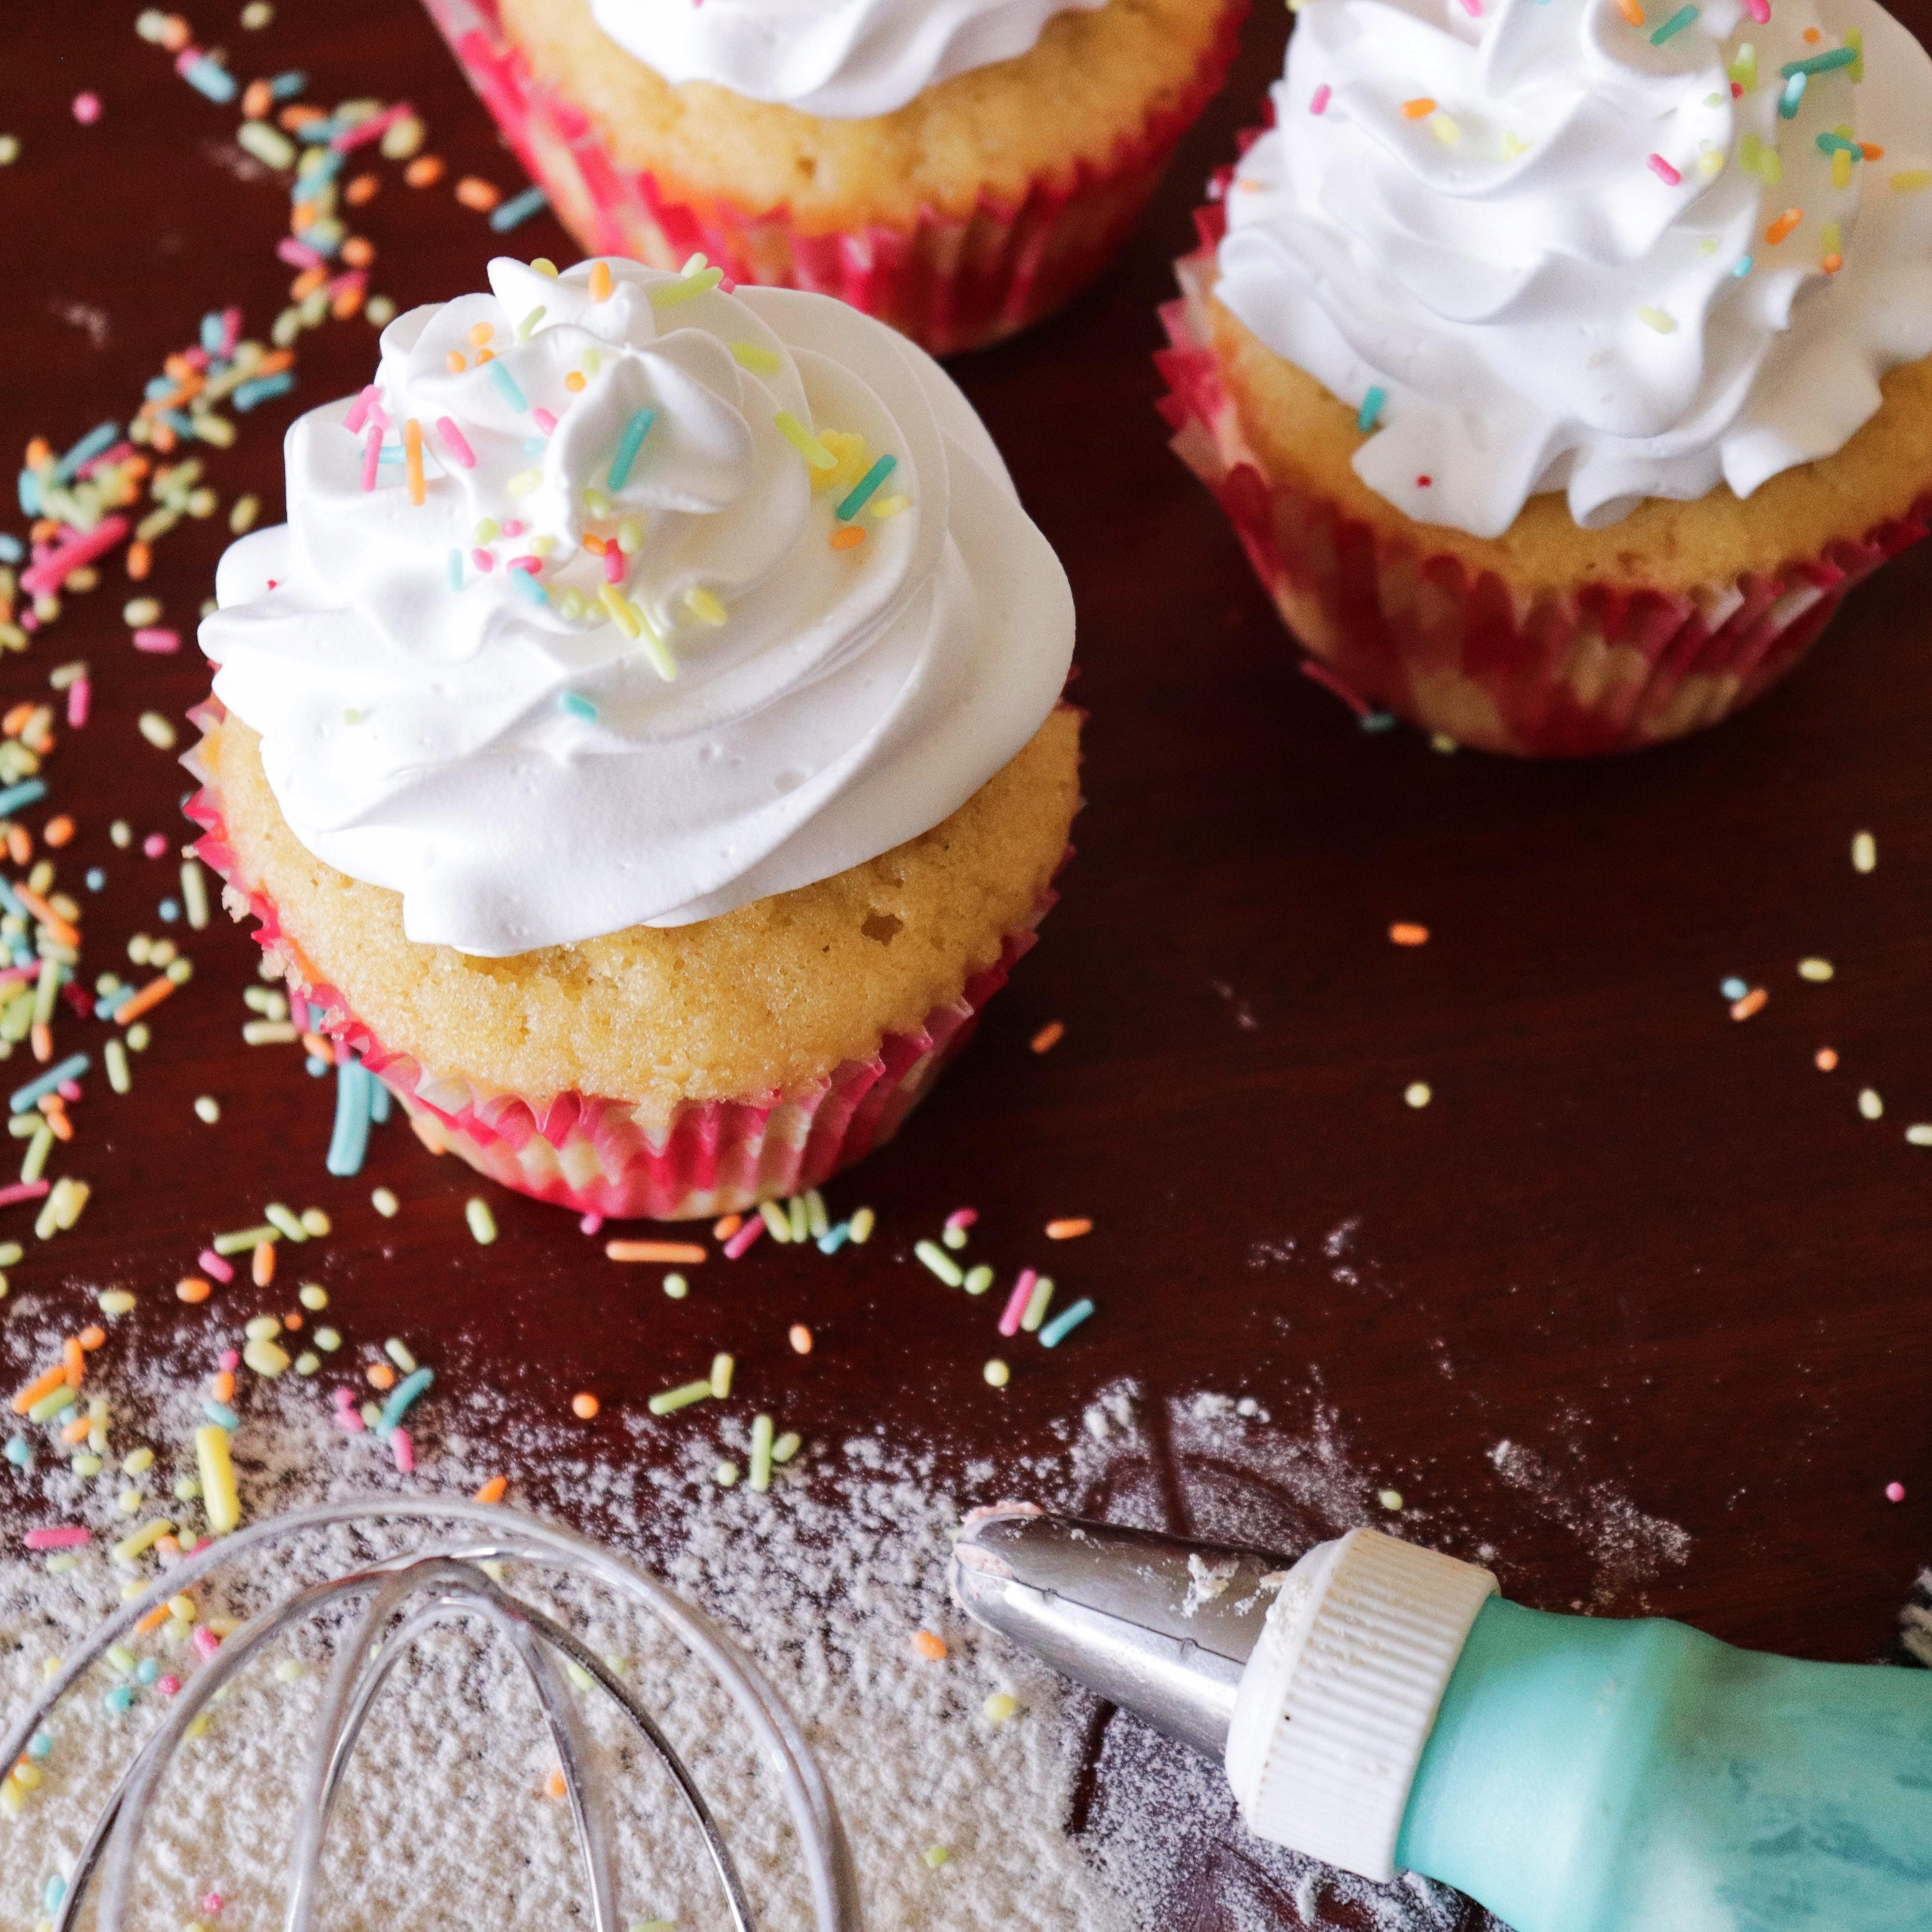 piping cake